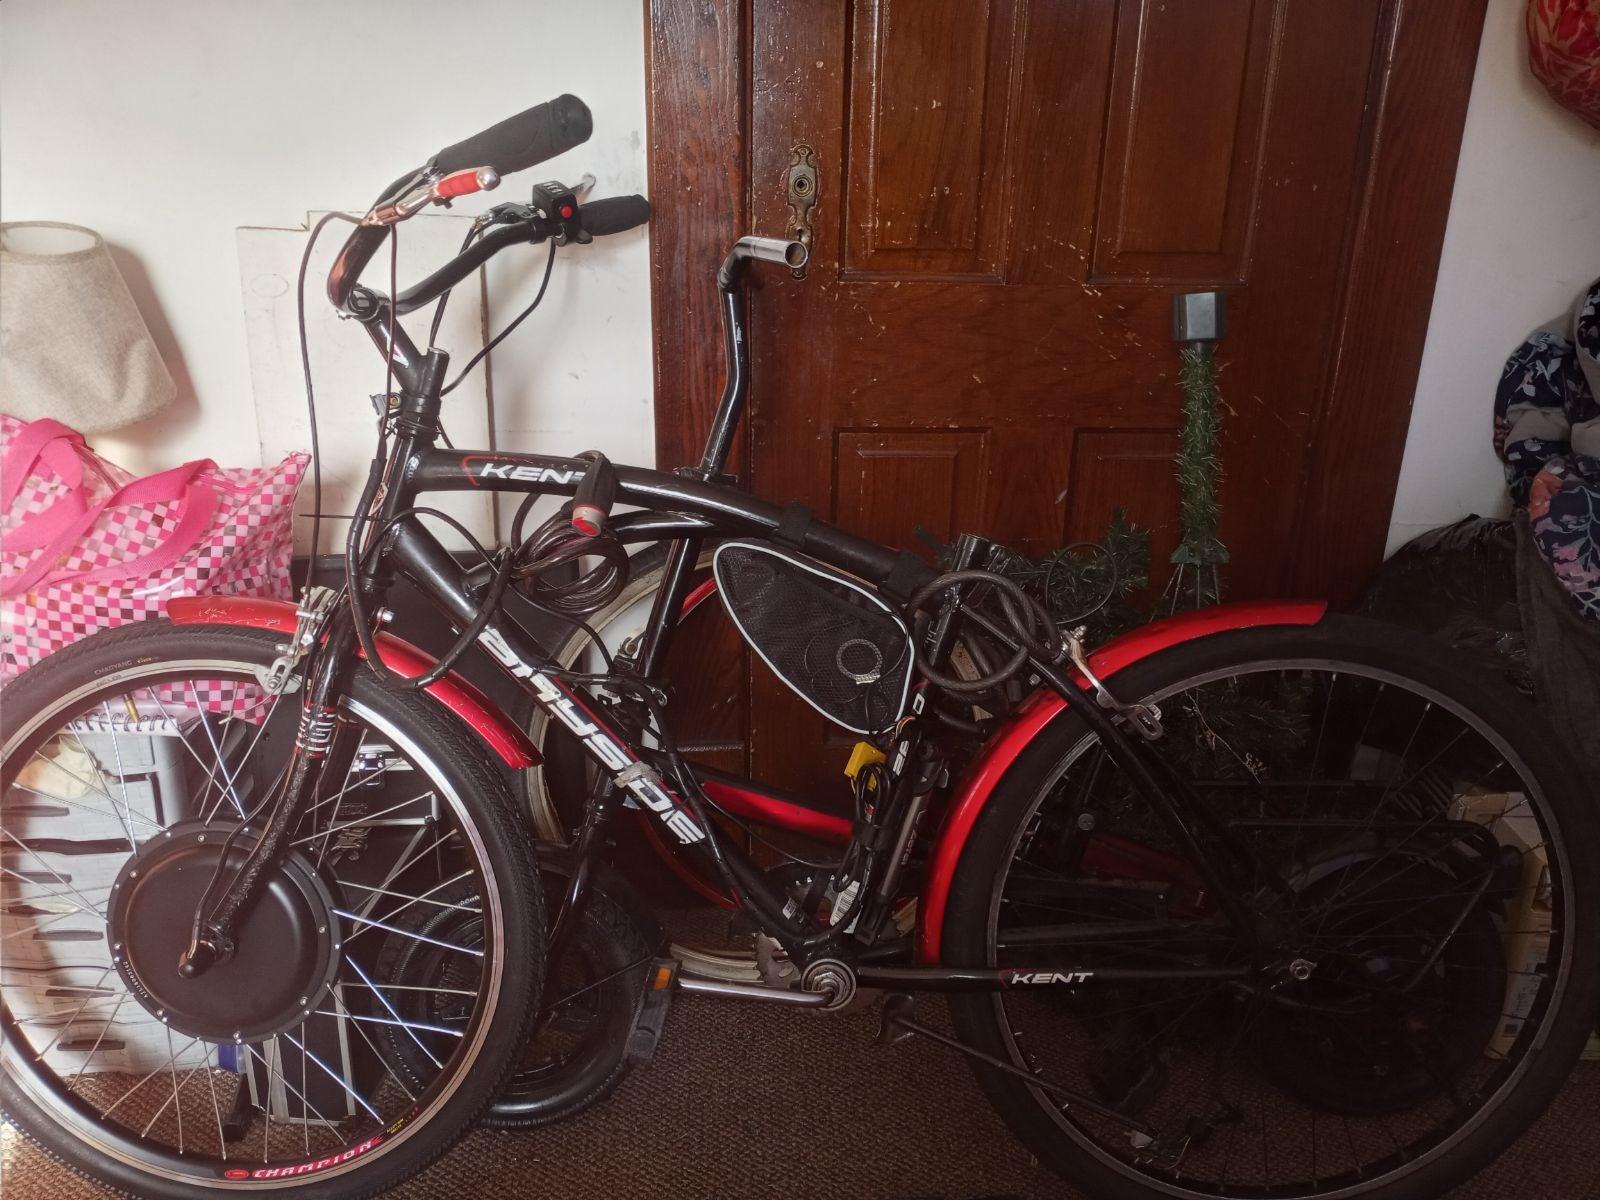 26in Electric Kent bike